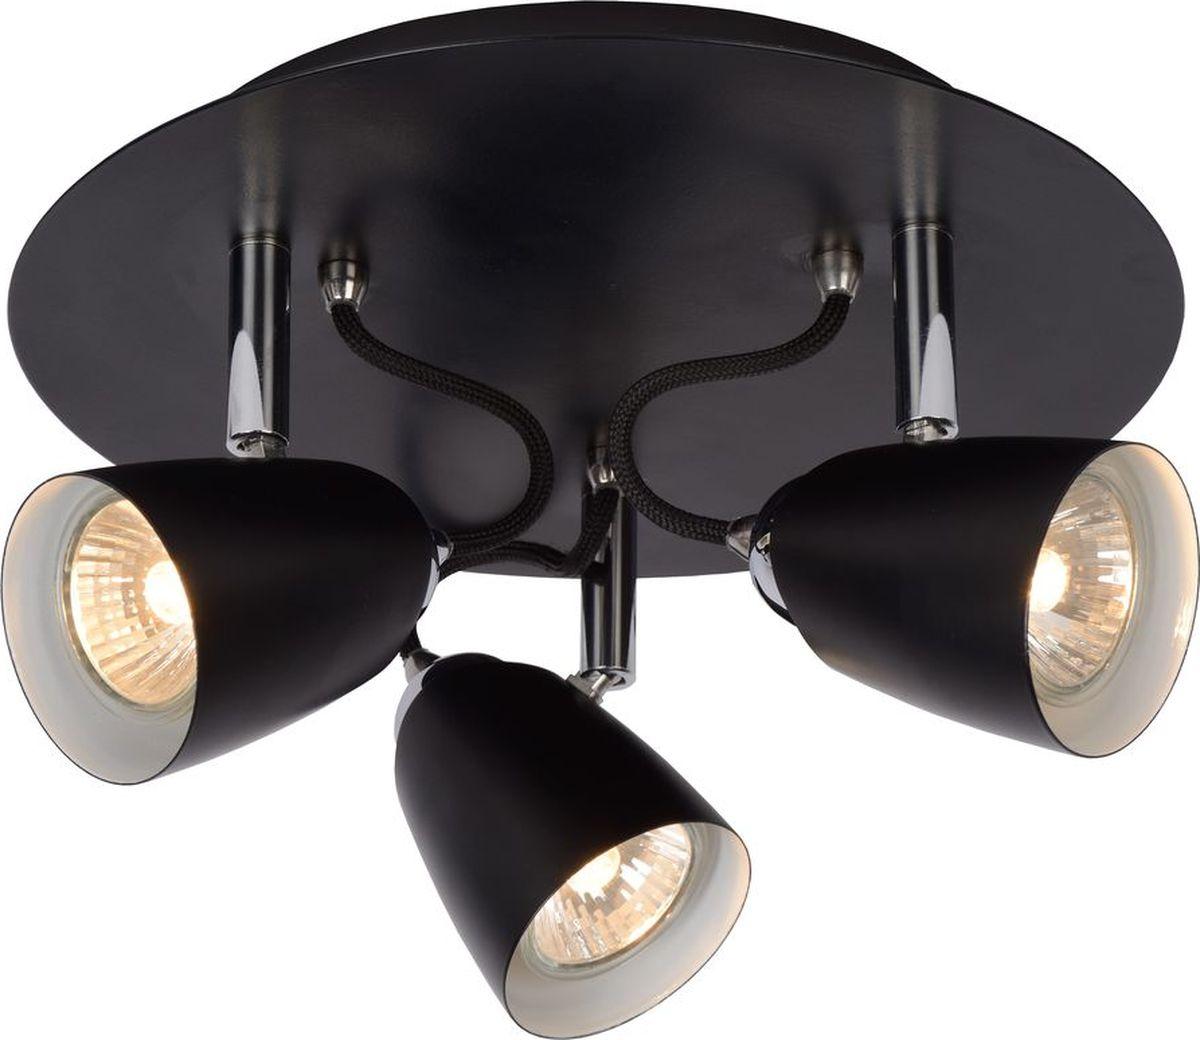 Спот Lucide Ride Black, цвет: черный, GU10, 35 Вт. 26956/13/3026956/13/30